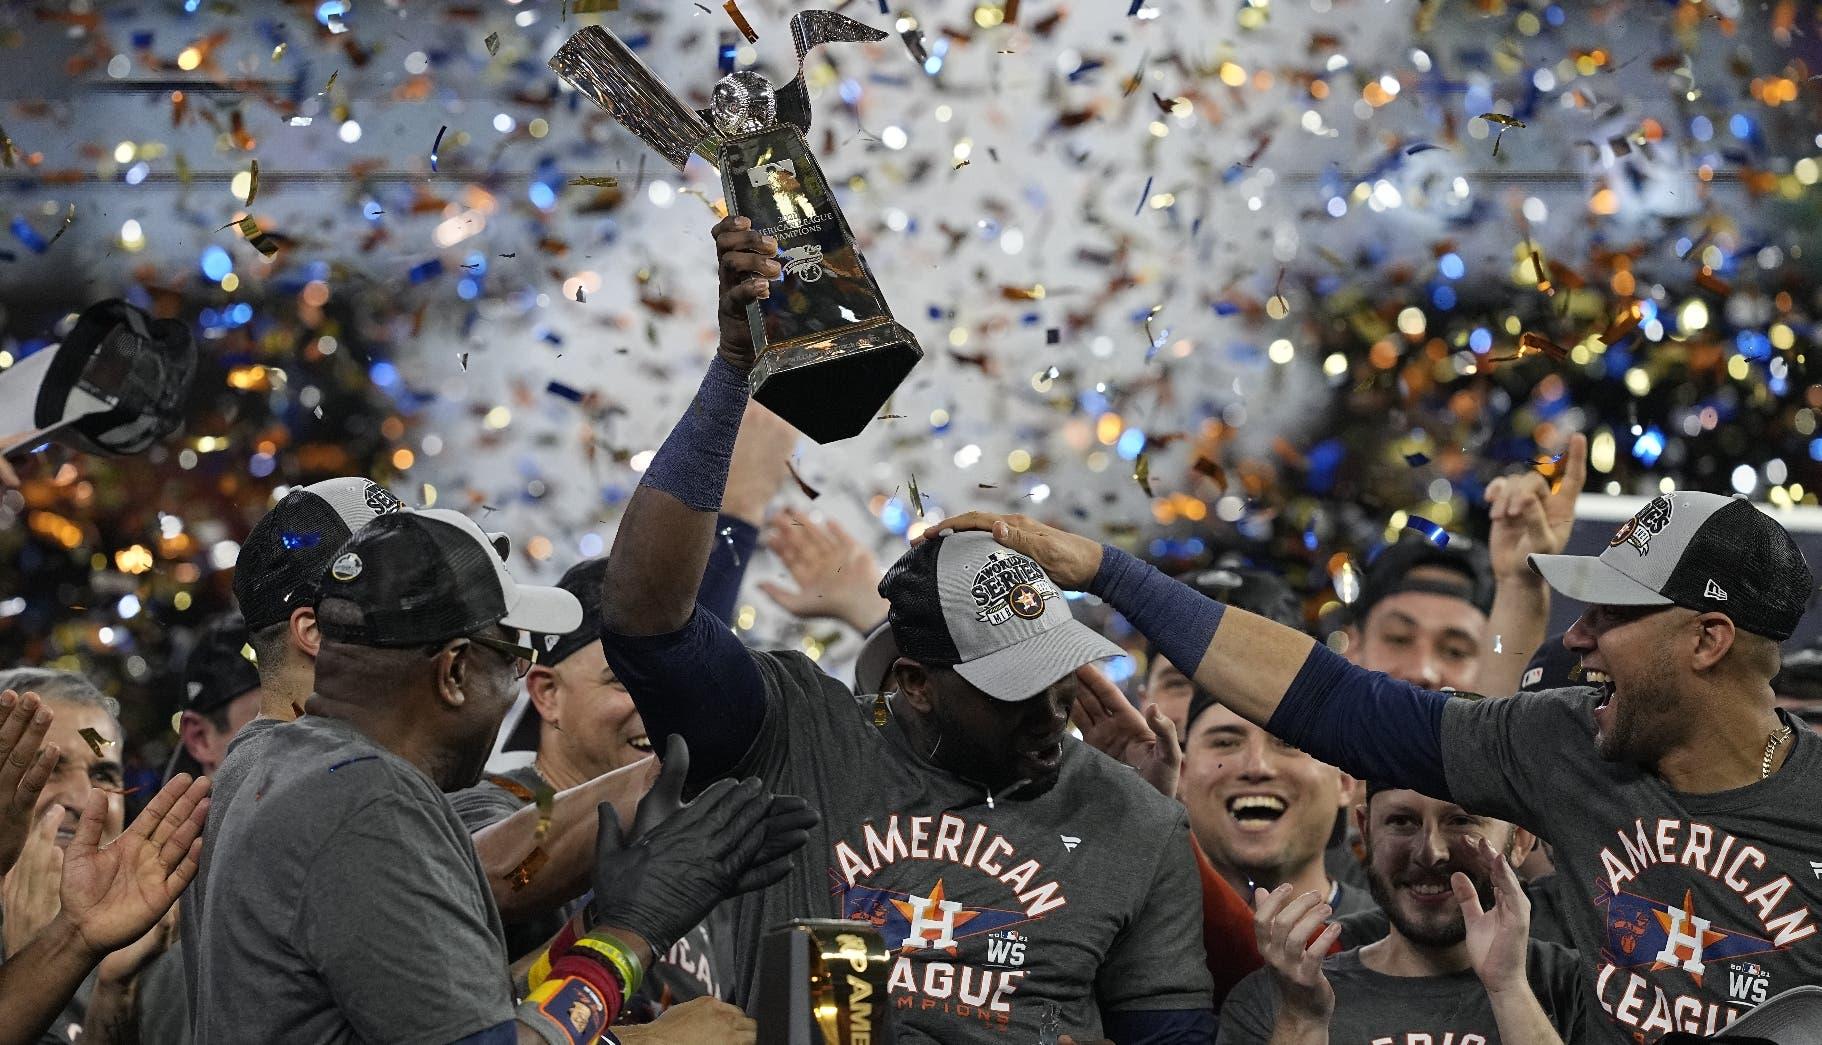 Bravos Vs. Astros en una Serie Mundial dilatada